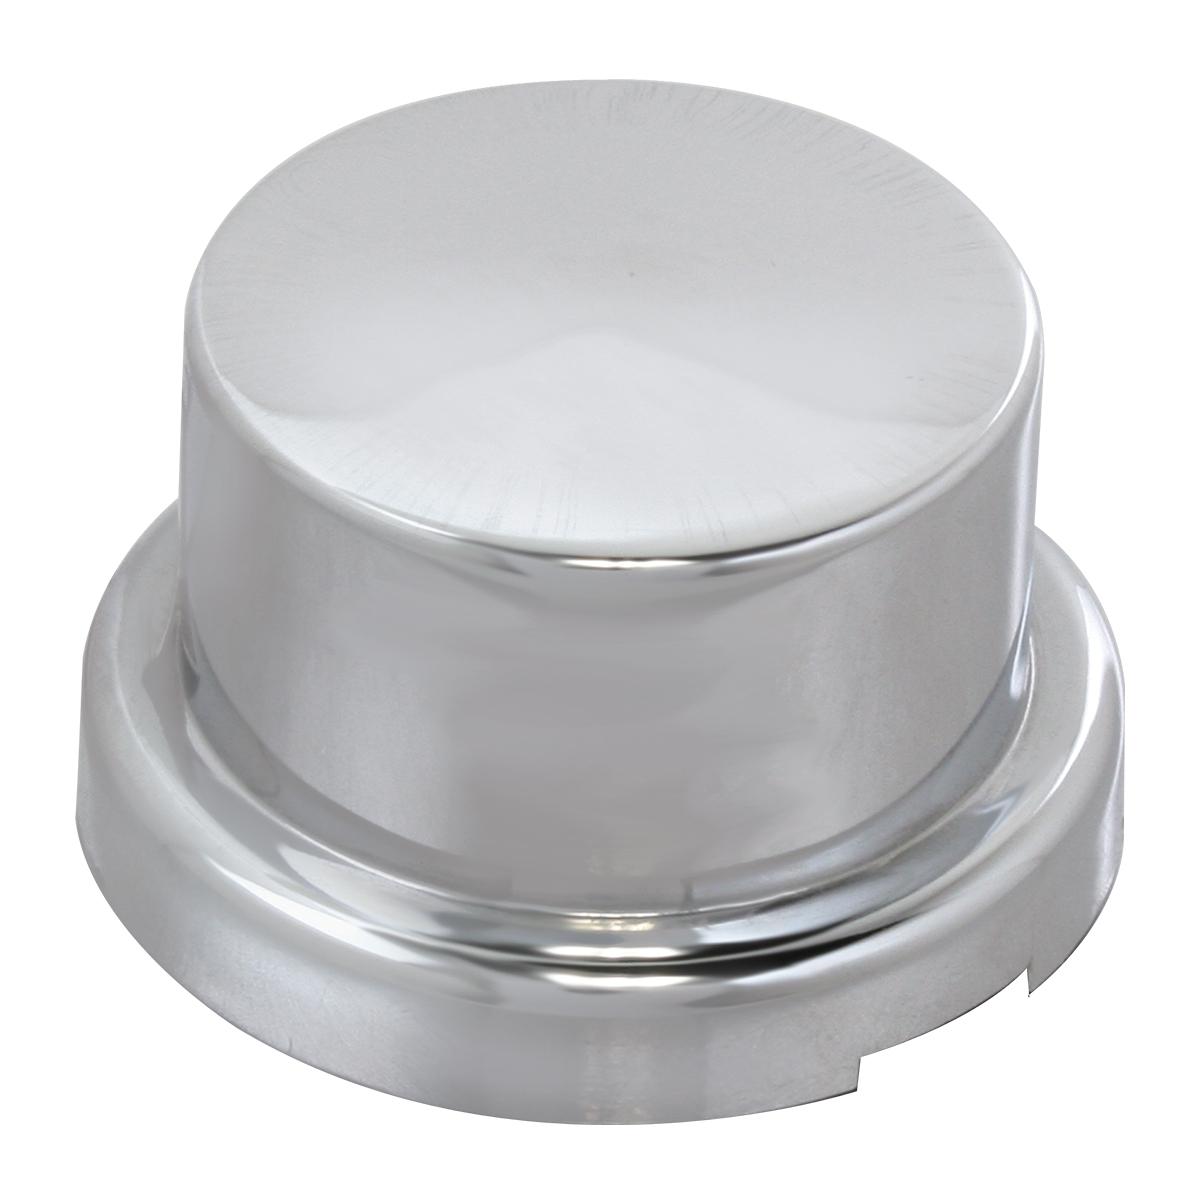 10064 Chrome Plastic Push-On Flat Style Round Lug Nut Cover